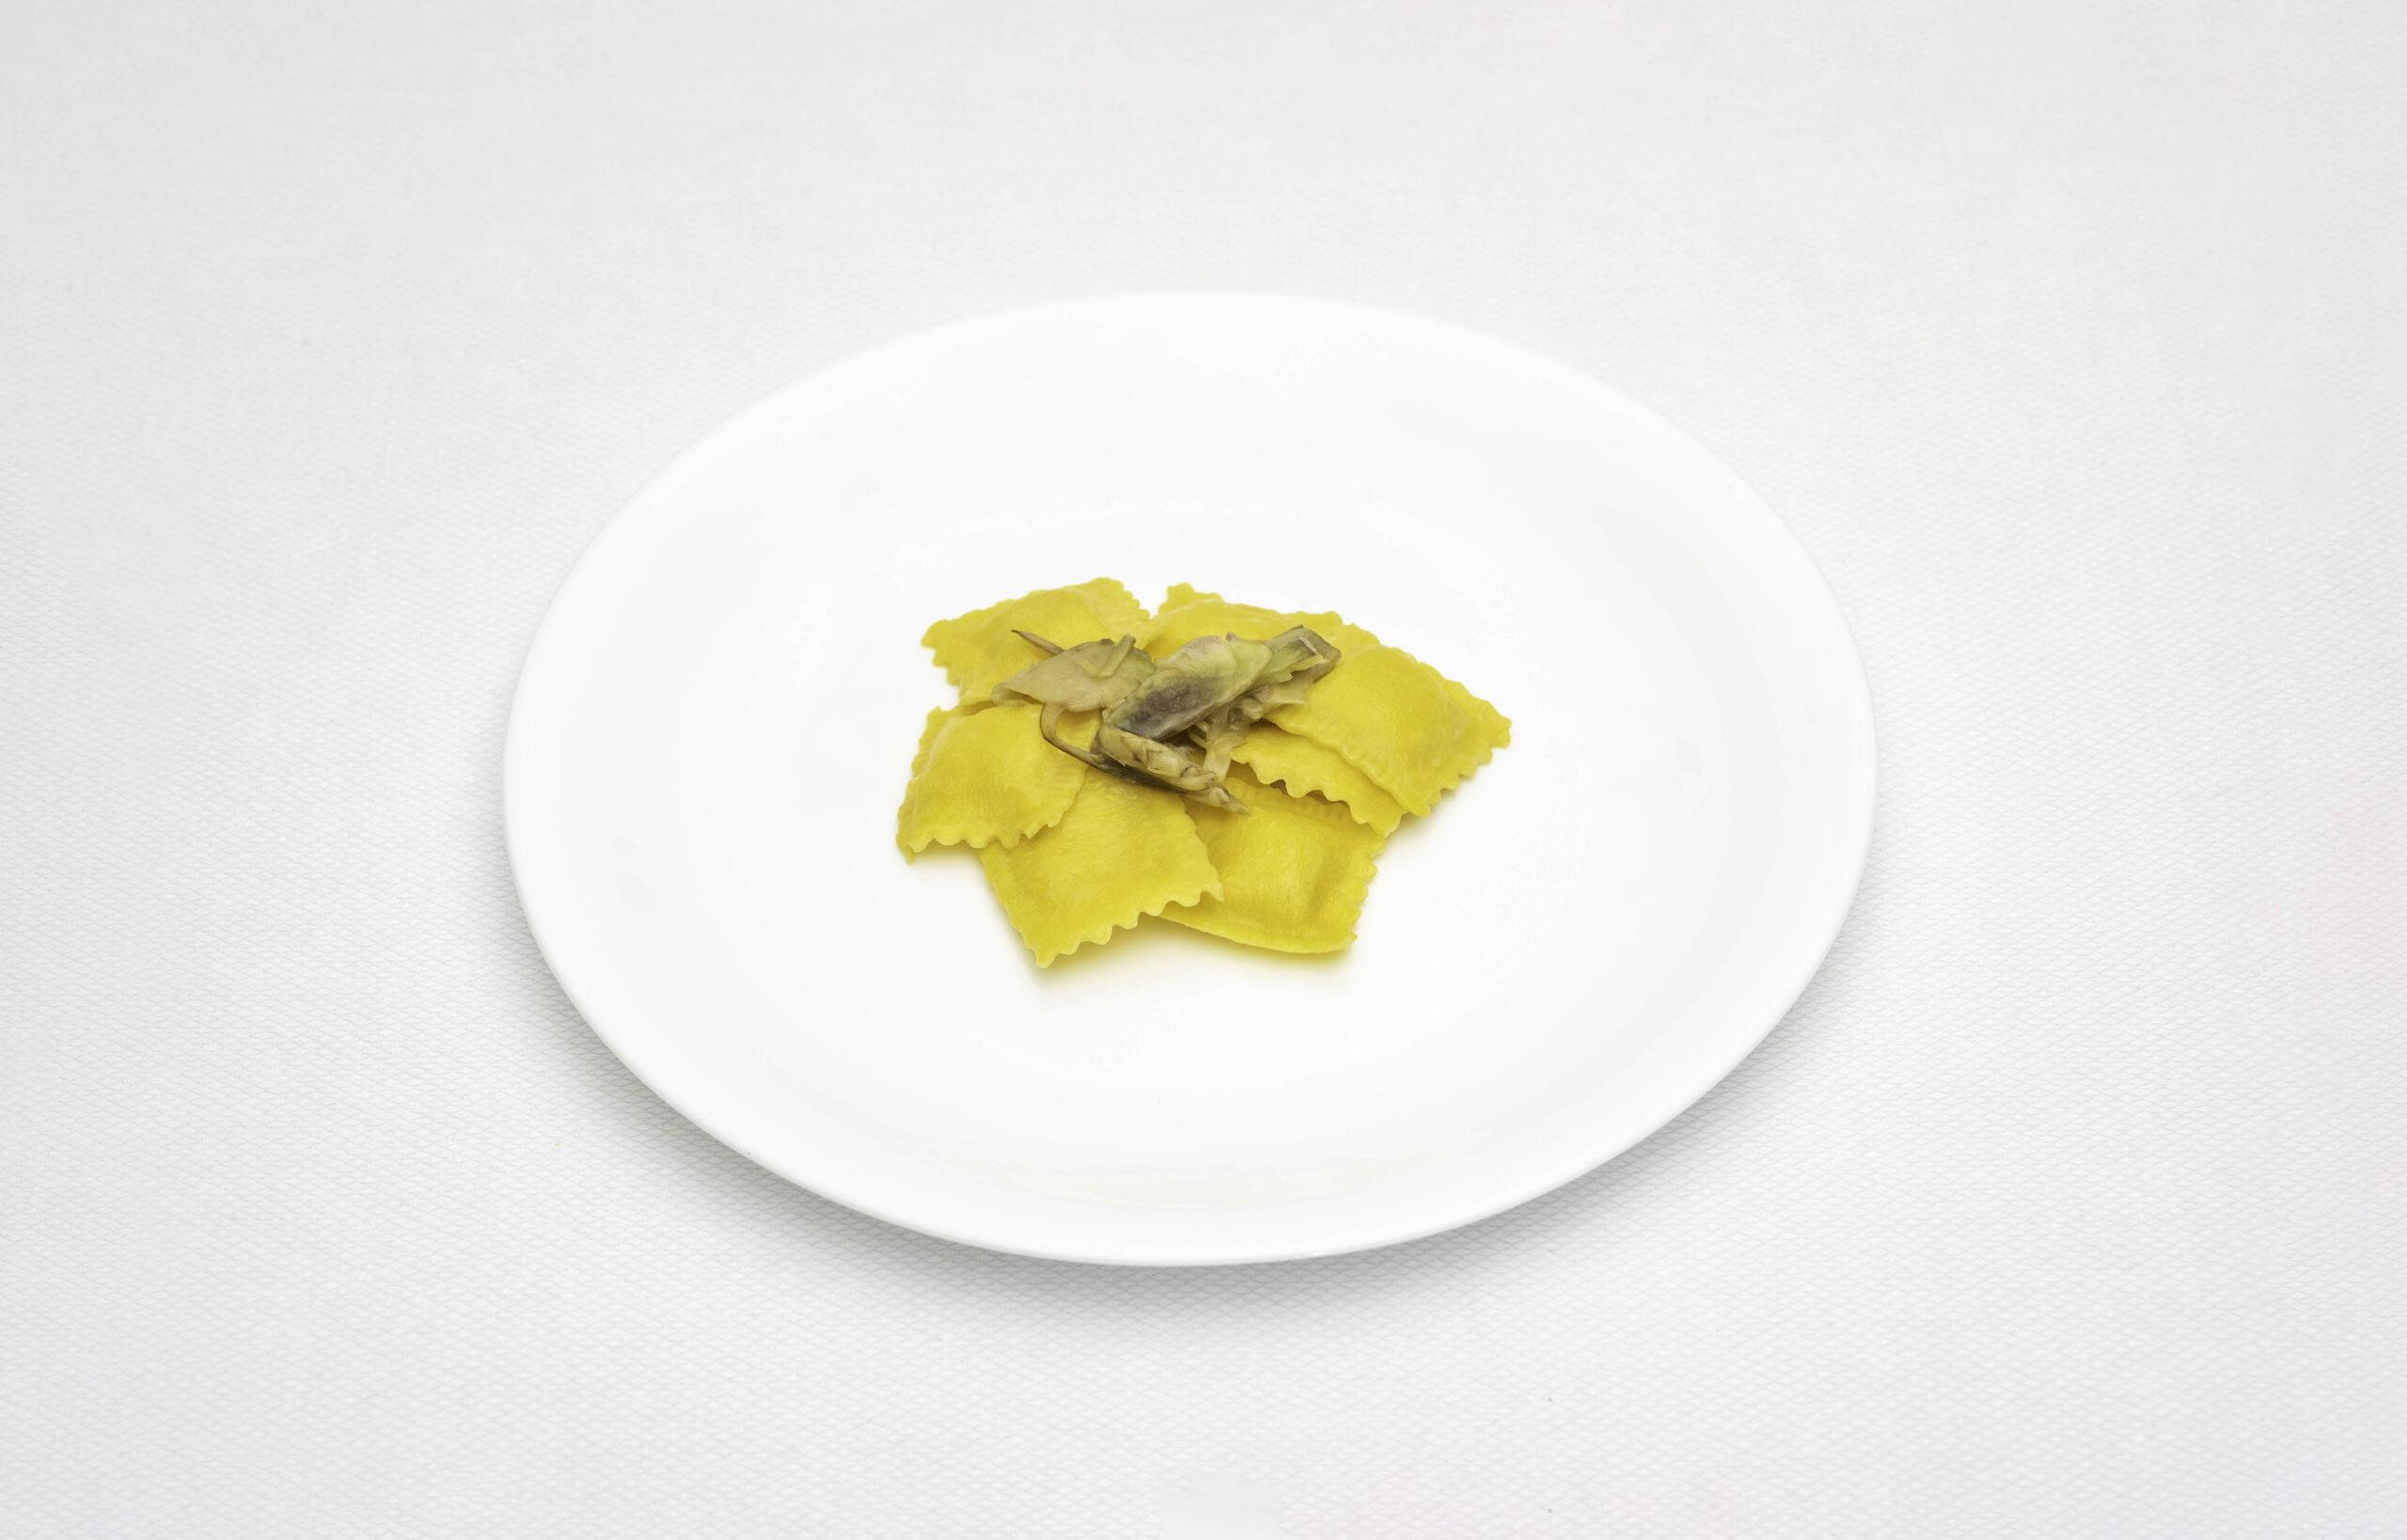 Pastifico-La-Fenice-pastificio-Cesenatico-pasta-fresca-pasta-surgelata-pasta-artigianale-Emilia-Romagna-Ravioli-Squacquerone-con-salsa-ai-carciofi